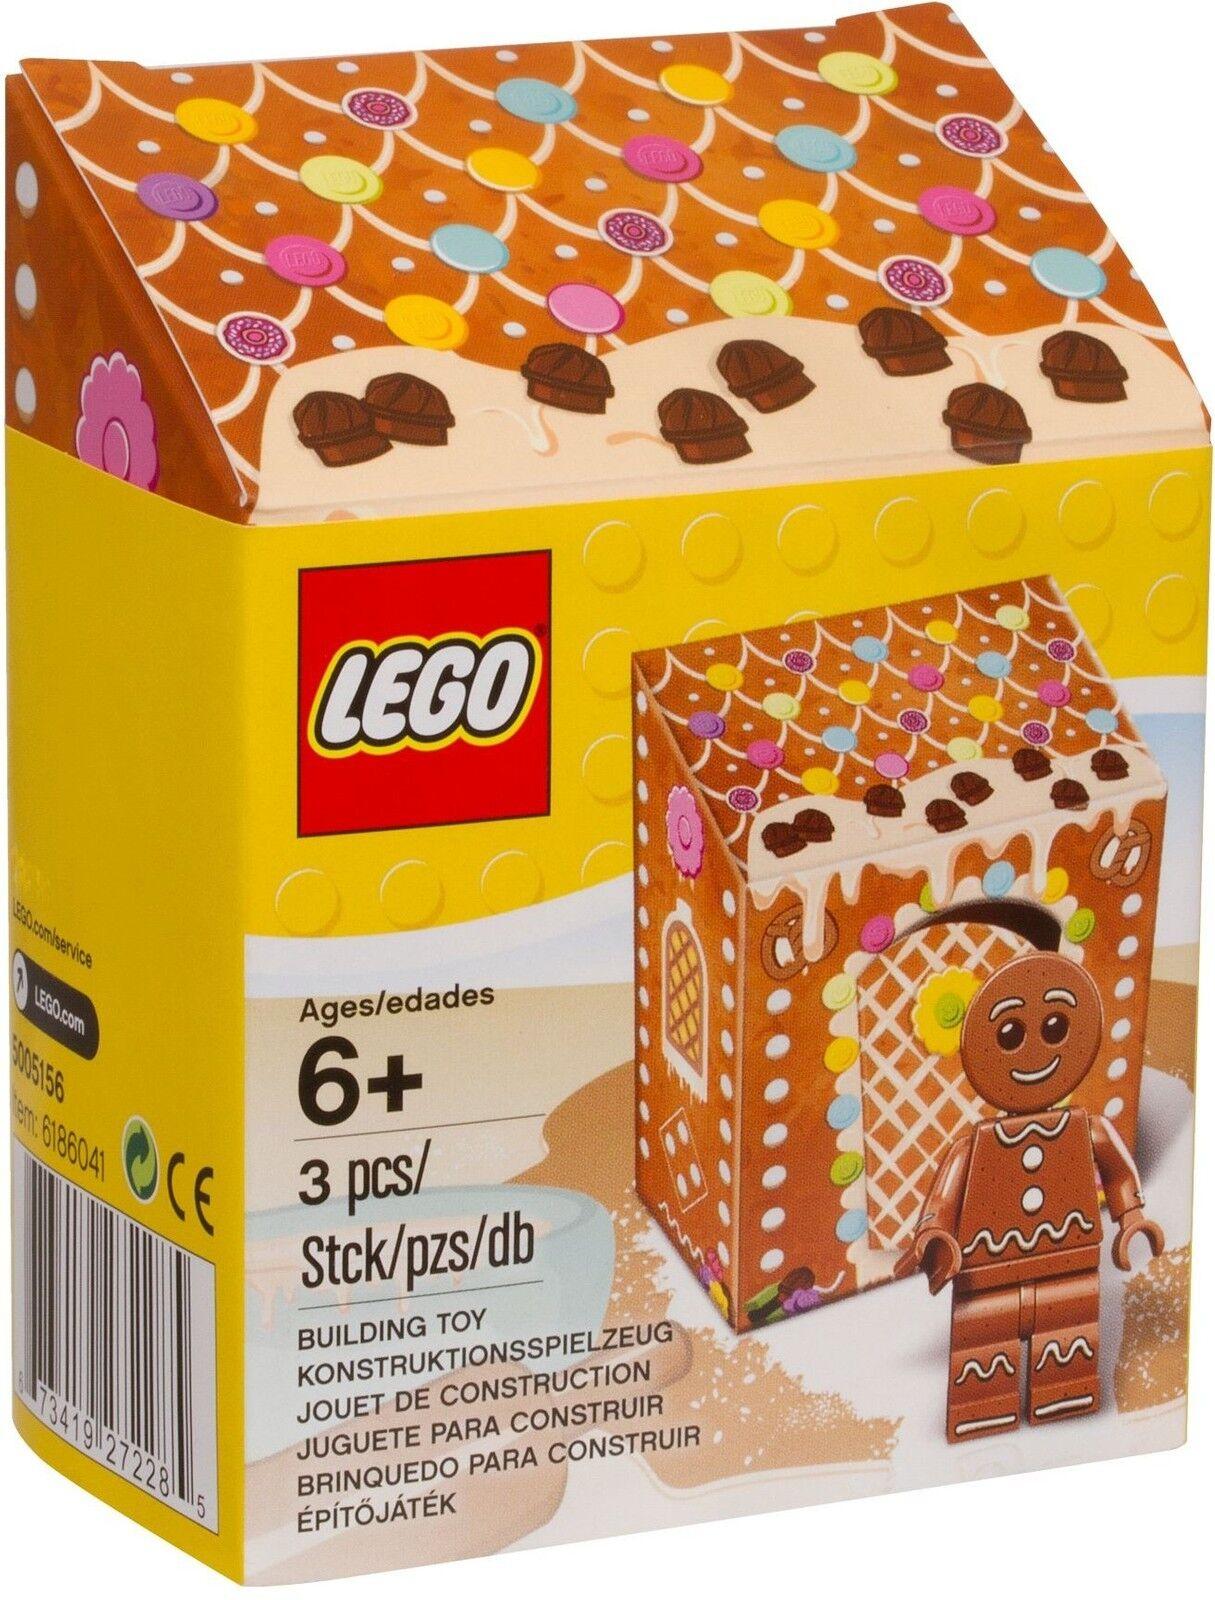 LEGO® 5005156 Lebkuchenmann NEU OVP_ Gingerbread Man NEW MISB NRFB